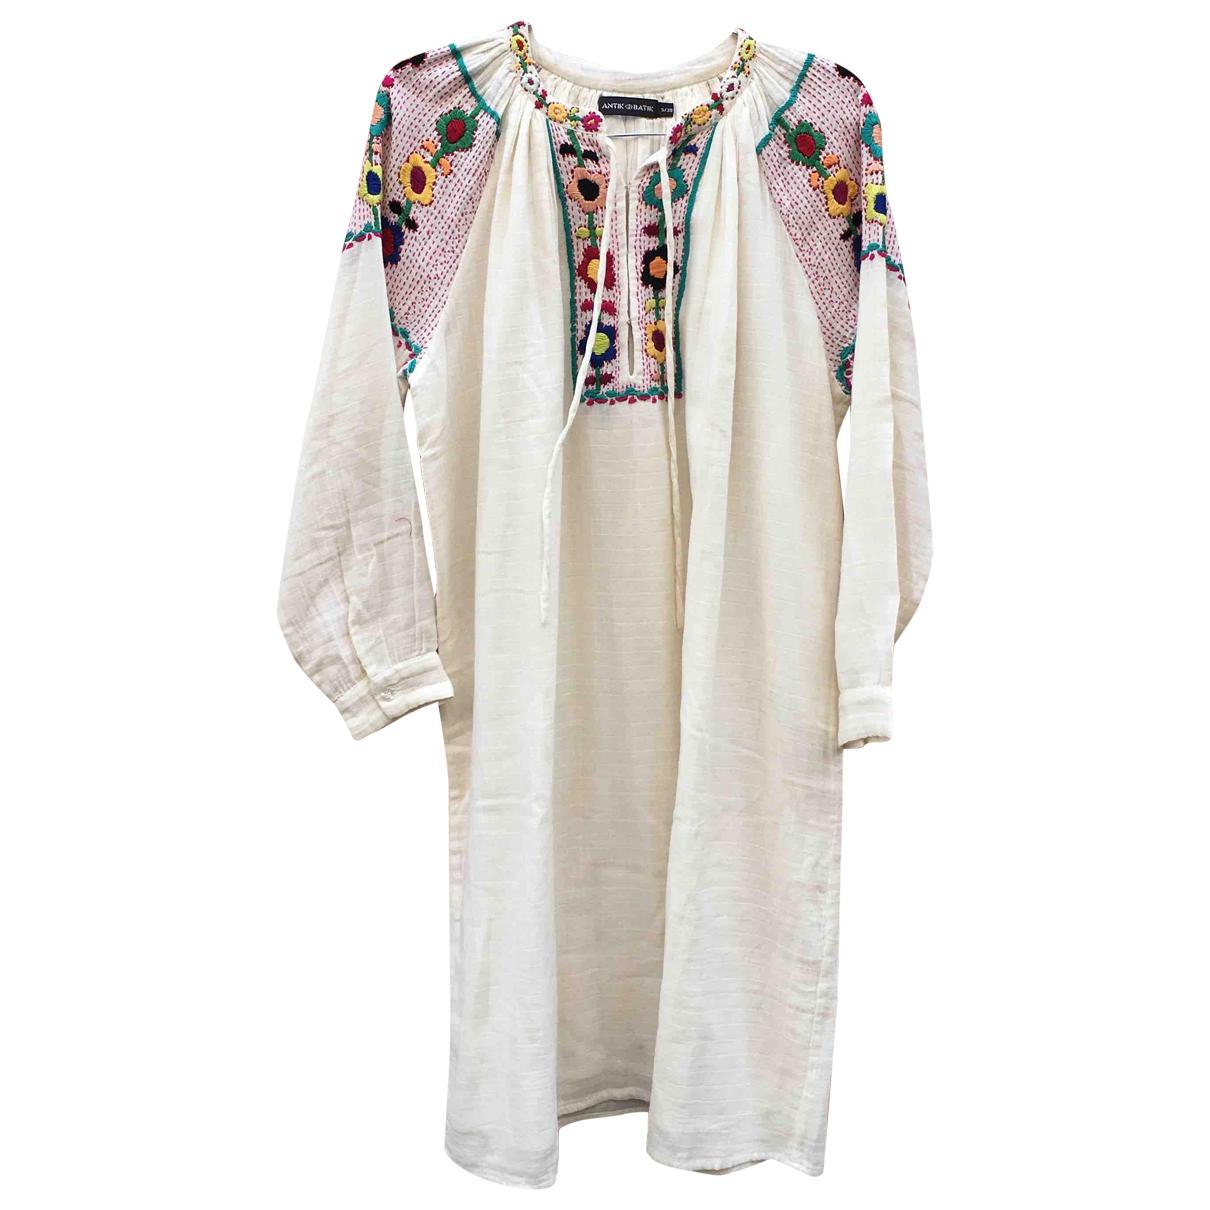 Antik Batik \N White Cotton dress for Women XS International